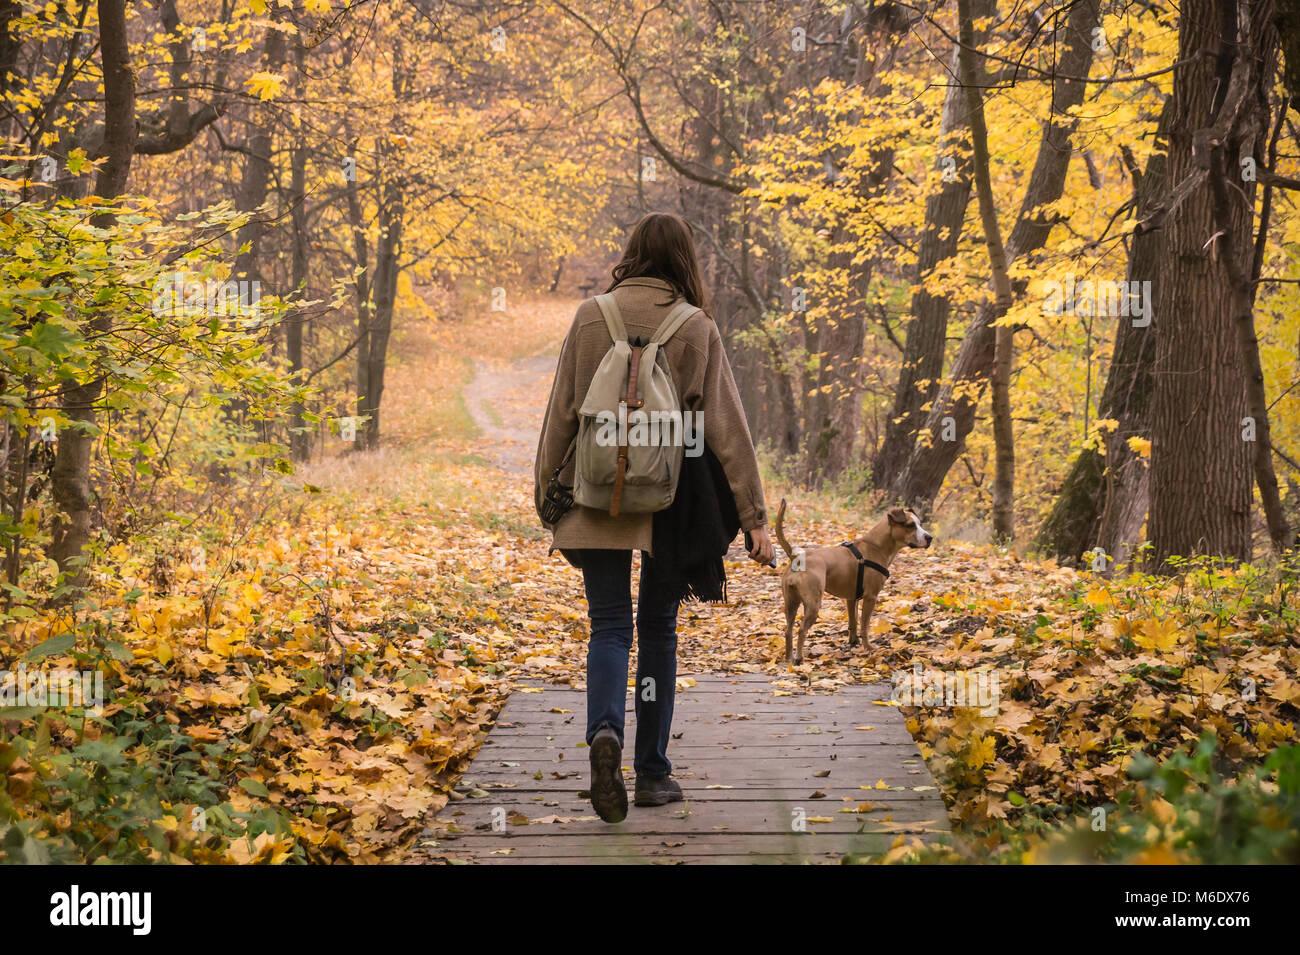 Las hembras jóvenes de persona y su mascota staffordshire terrier tome una caminata en la selva y disfrutar Imagen De Stock